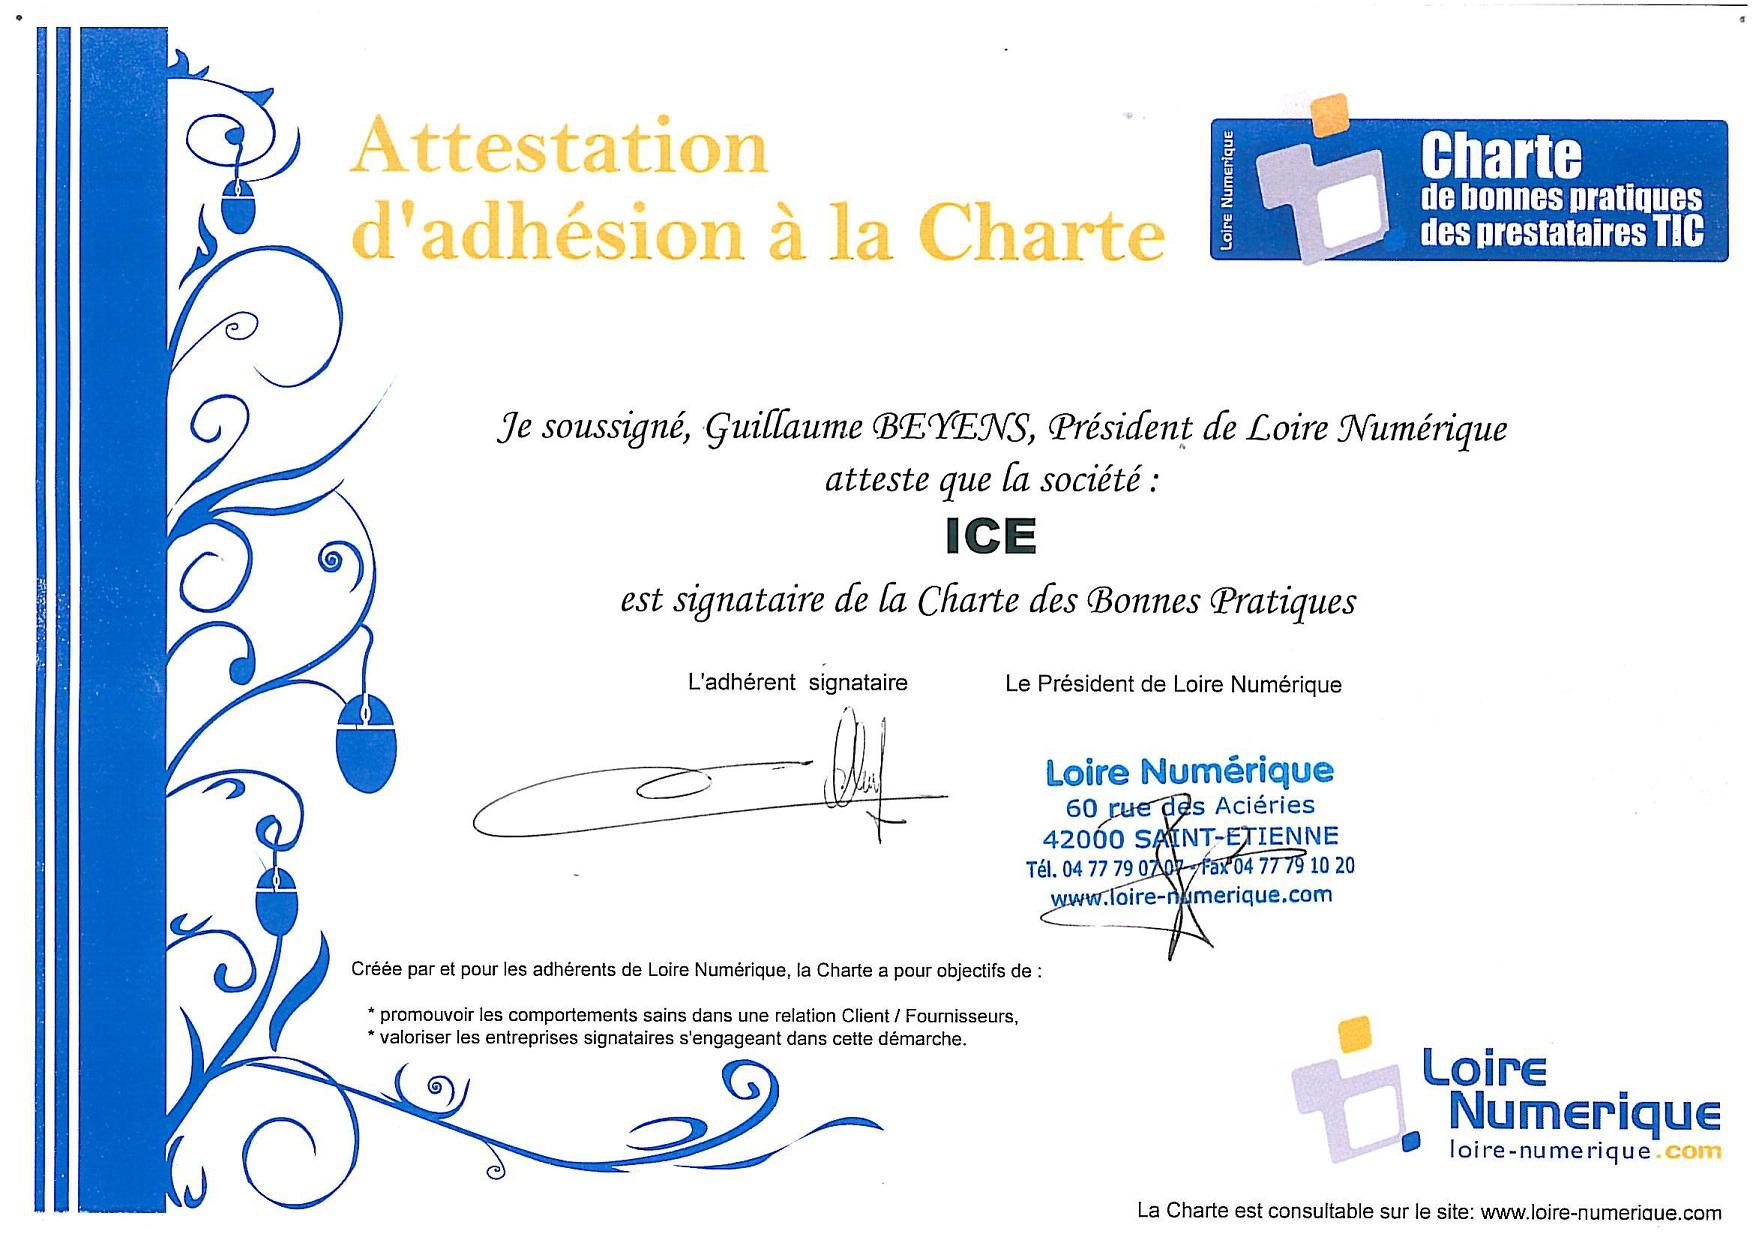 Charte des bonnes pratiques Loire Numérique